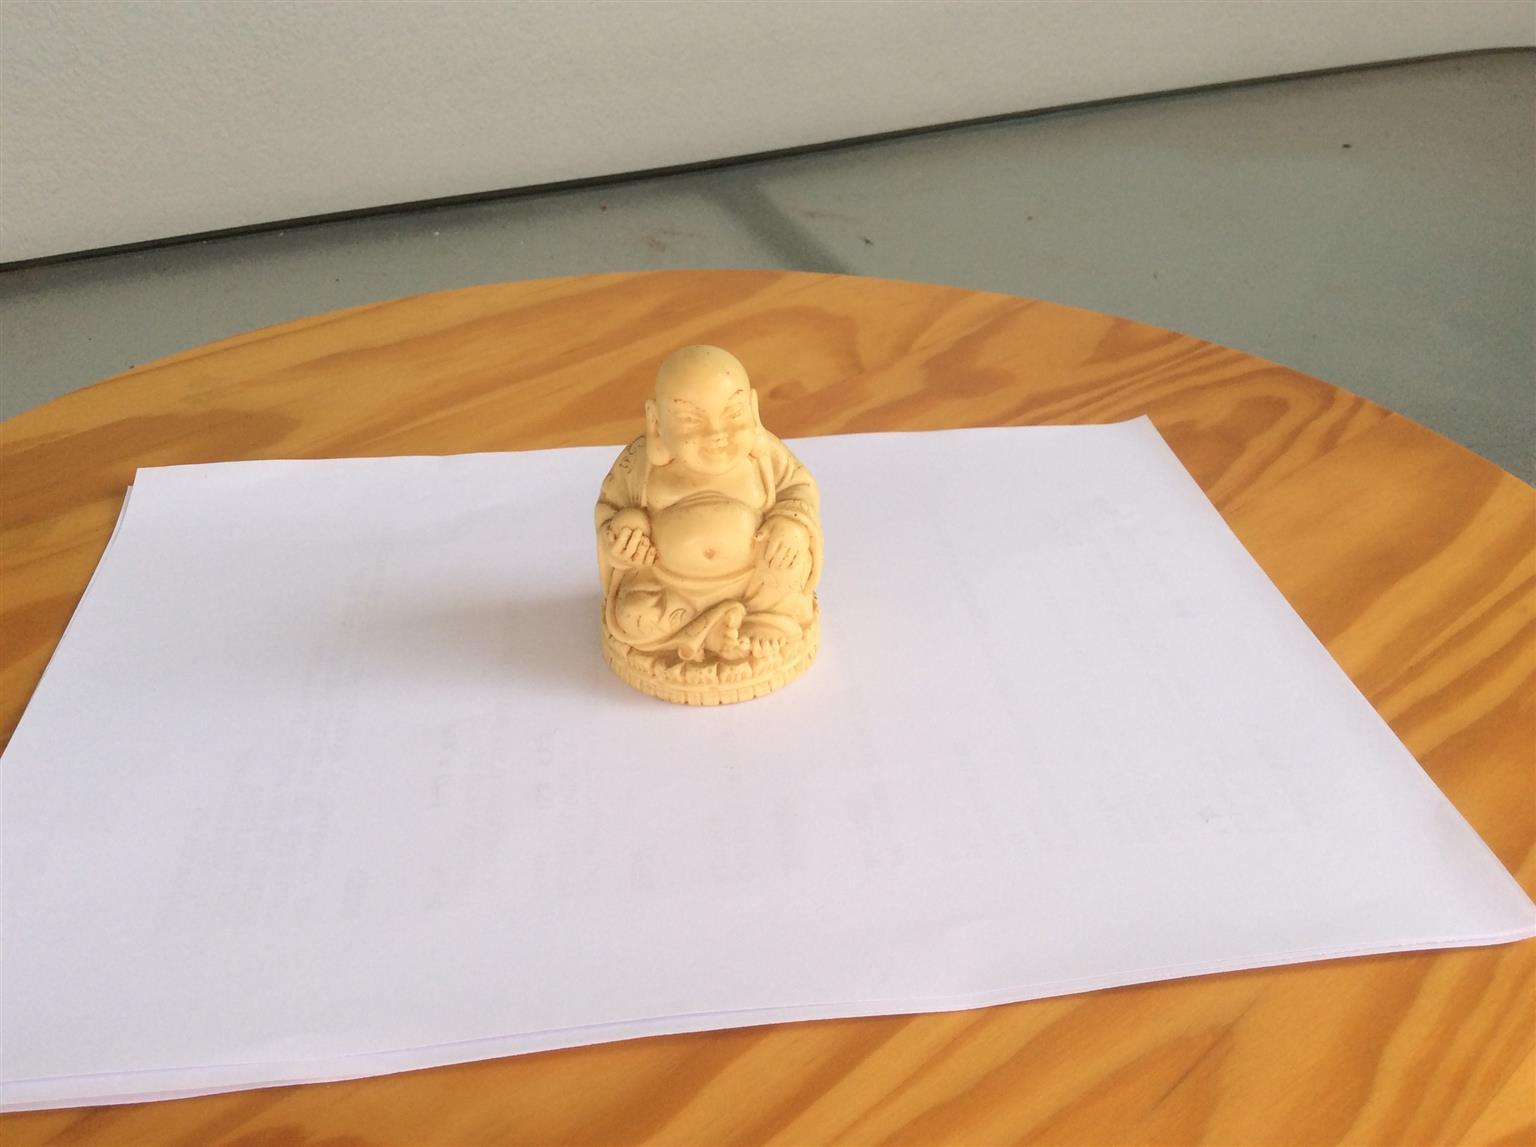 Vintage alabaster Buddha - full of detail